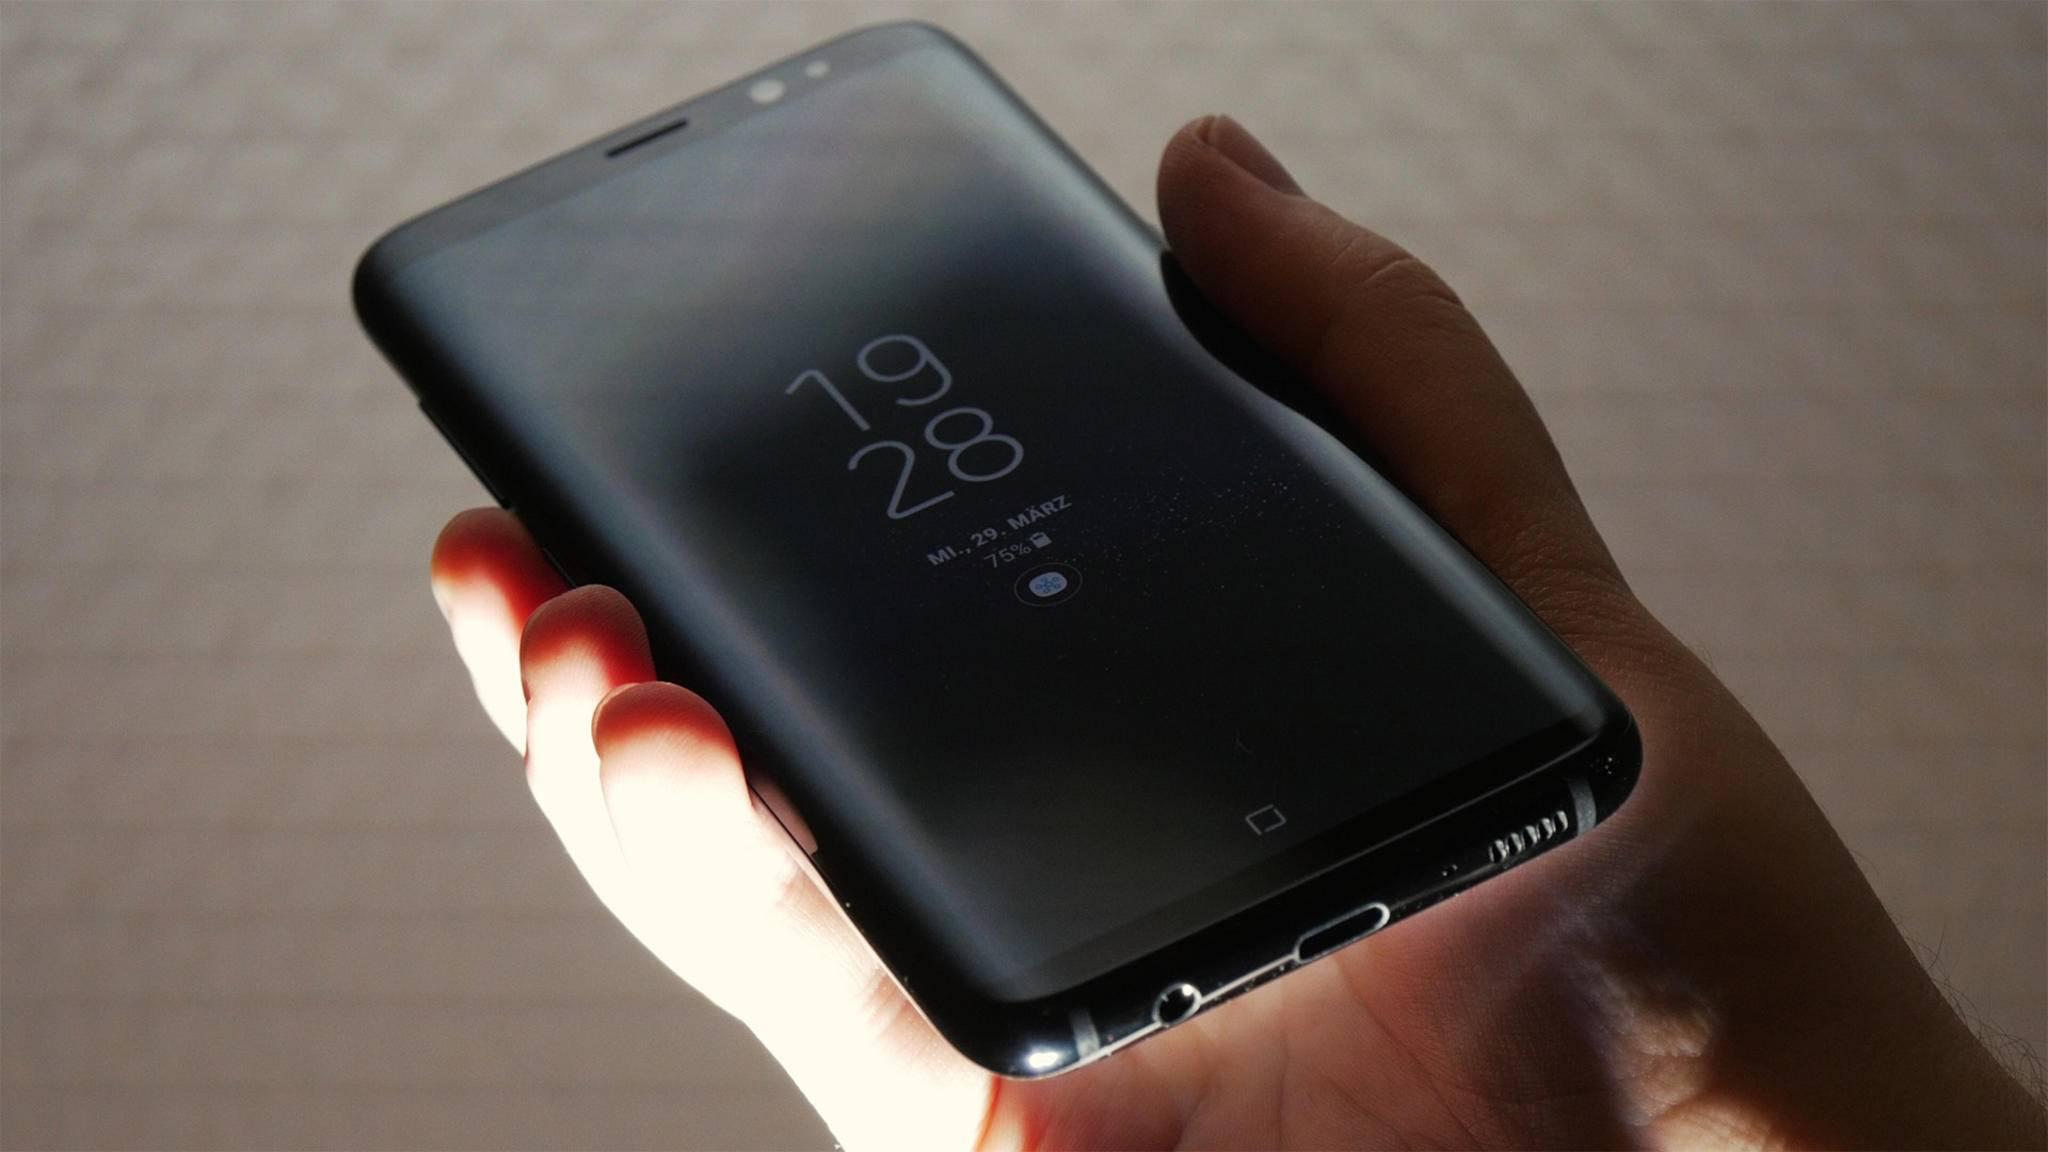 Mit seinem Smartphone Galaxy S8 hat Samsung auch seinen virtuellen Assistenten Bixby veröffentlicht.